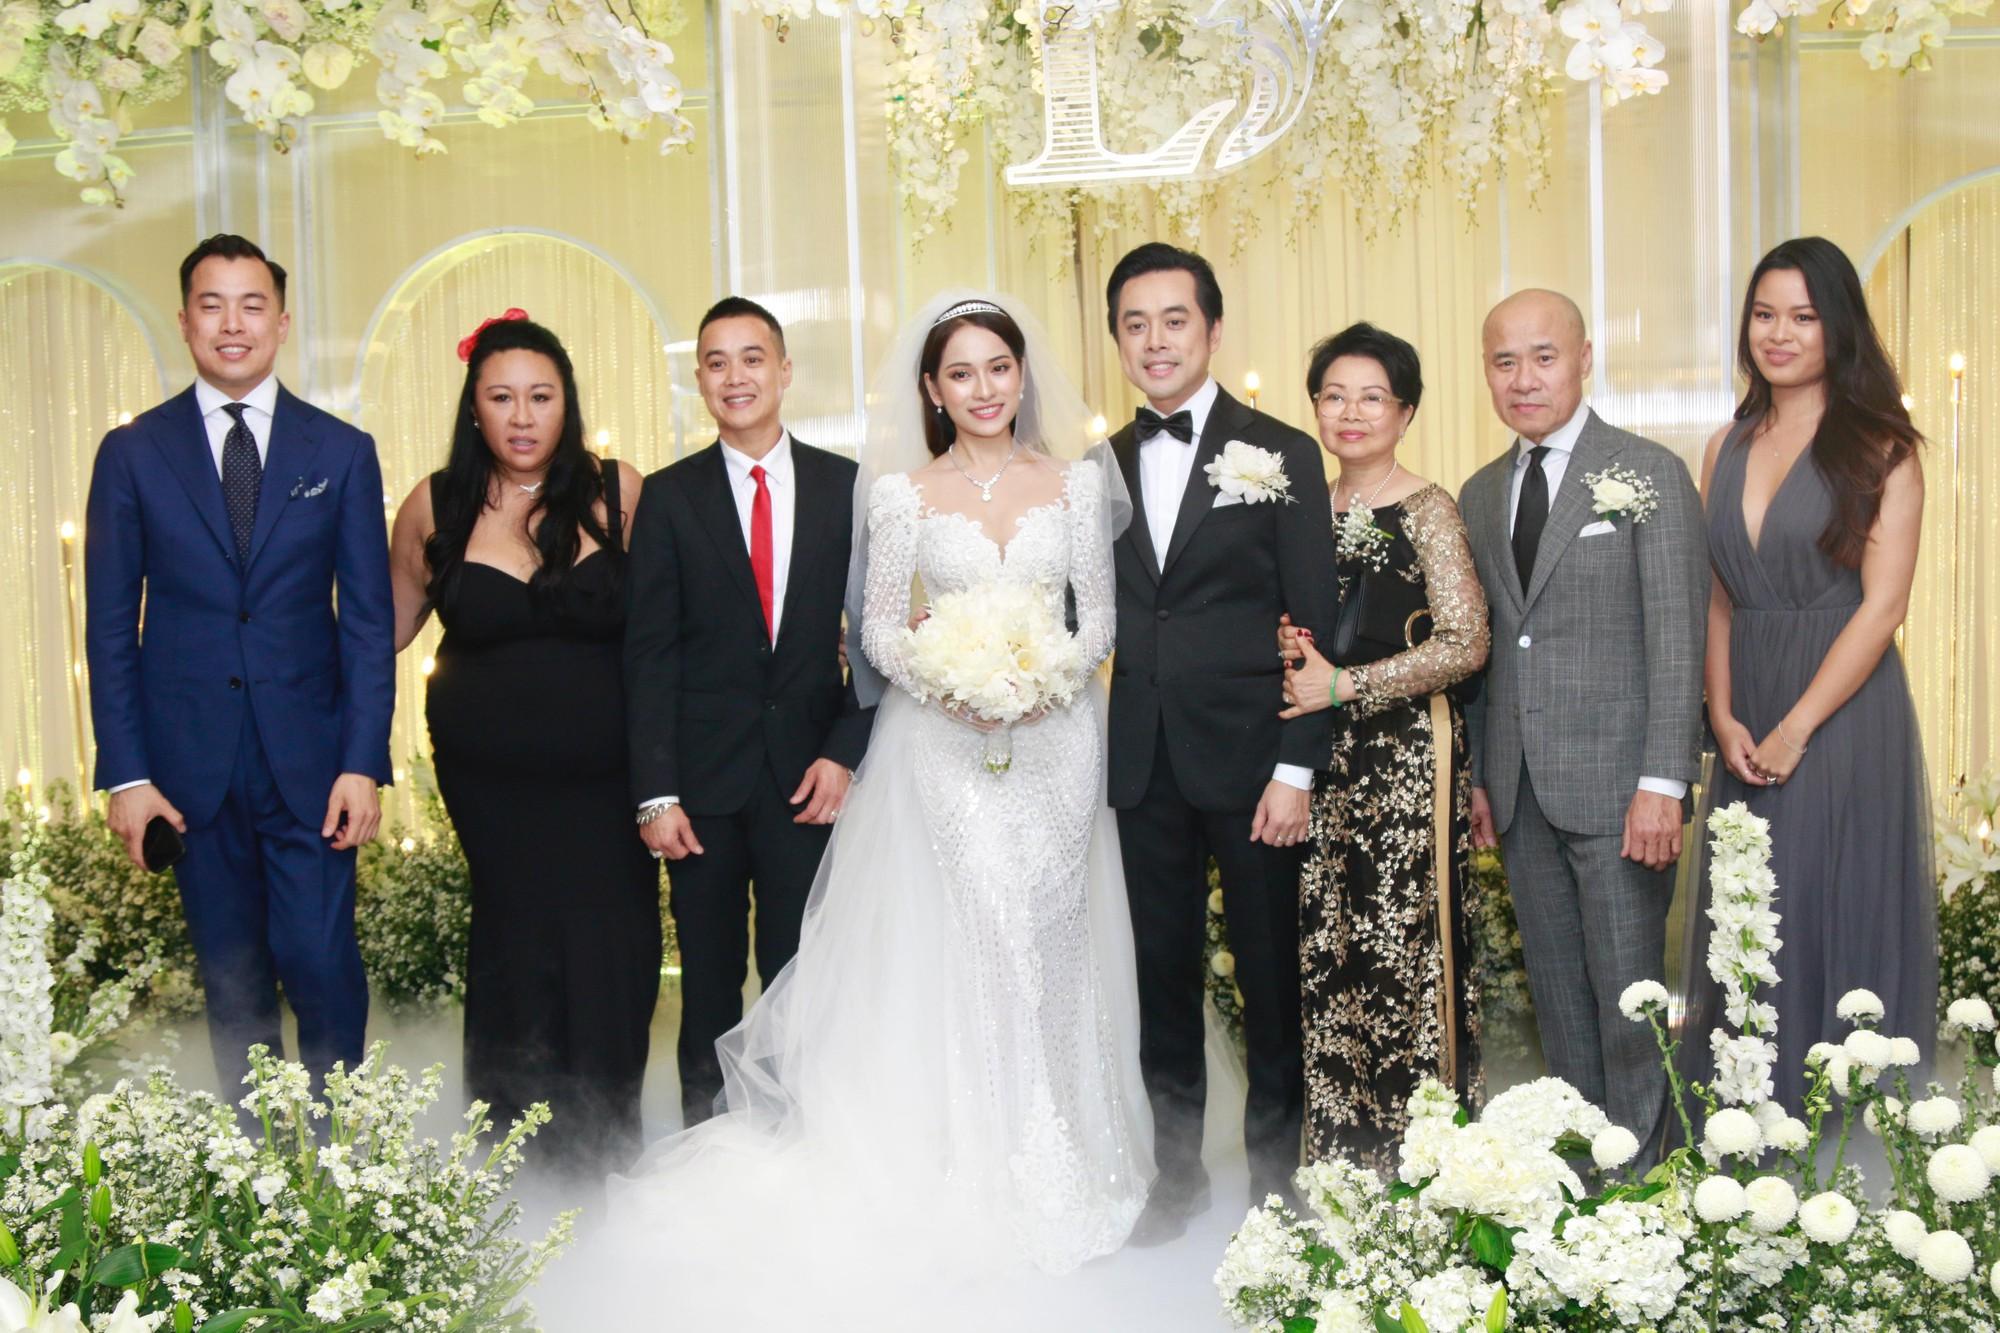 Vợ chồng Thu Minh, ca sĩ Noo Phước Thịnh, Lê Hiếu, Thu Thủy và dàn sao khủng showbiz tụ hội về đám cưới Dương Khắc Linh - Sara Lưu - Ảnh 7.